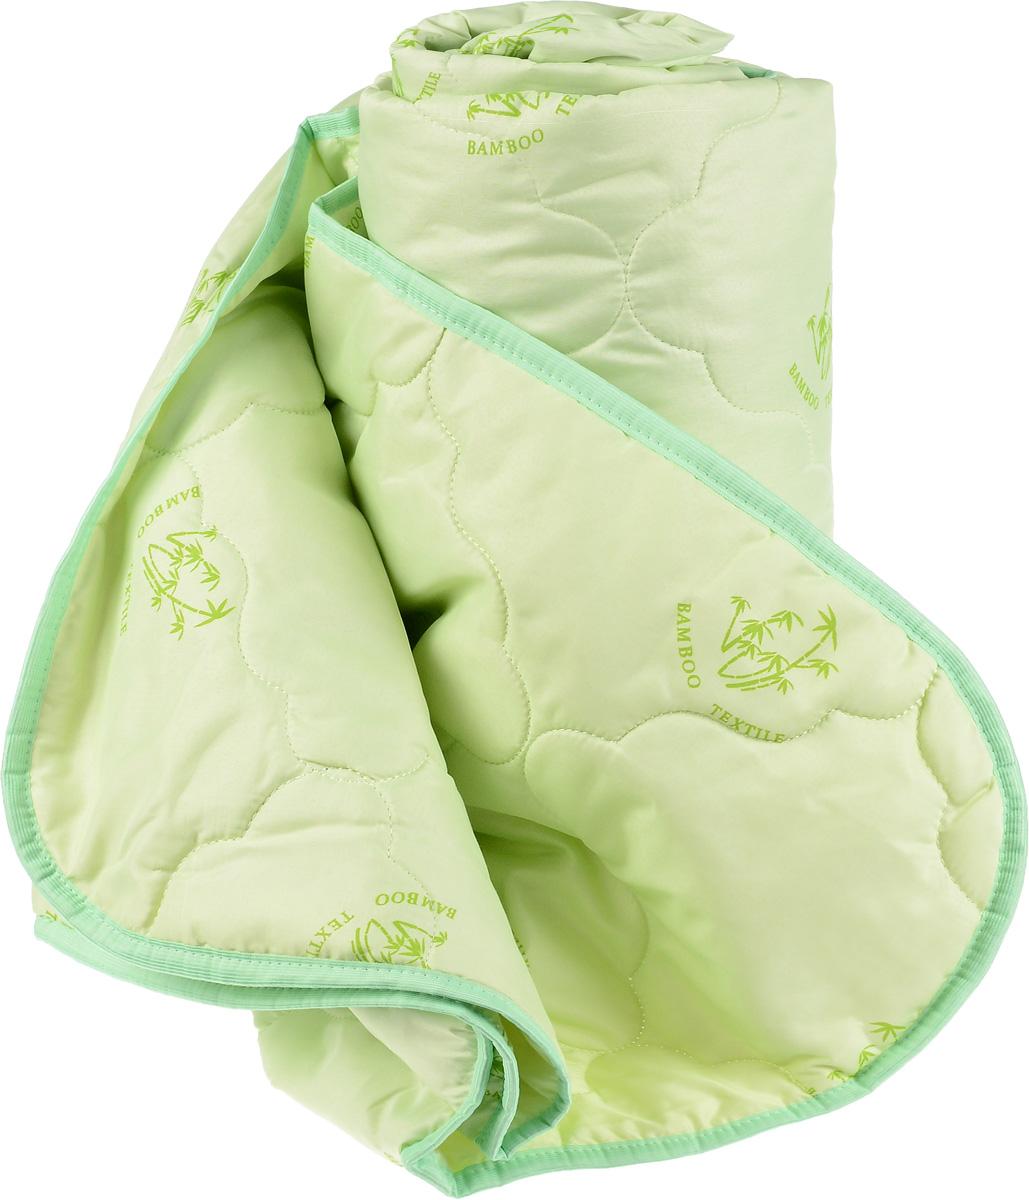 Одеяло Катюша, наполнитель: бамбуковое волокно, 220 х 240 смПБ20150Одеяло Катюша подарит комфорт и уют во время сна. Чехол, выполненный из 100% полиэстера, оформлен фигурной стежкой и надежно удерживает наполнитель внутри. Легкое одеяло, наполненное бамбуковым волокном, сделает спальное место уютным и подарит ощущение свежести в теплую погоду. Также такое одеяло прекрасно подходит для использования в отапливаемых помещениях. Произведенное из бамбука волокно имеет мелкопористую структуру, благодаря чему вещи из этого волокна дышащие, гигроскопичные и легкие. Одеяло не накапливает пыль, легко стирается и быстро сохнет.